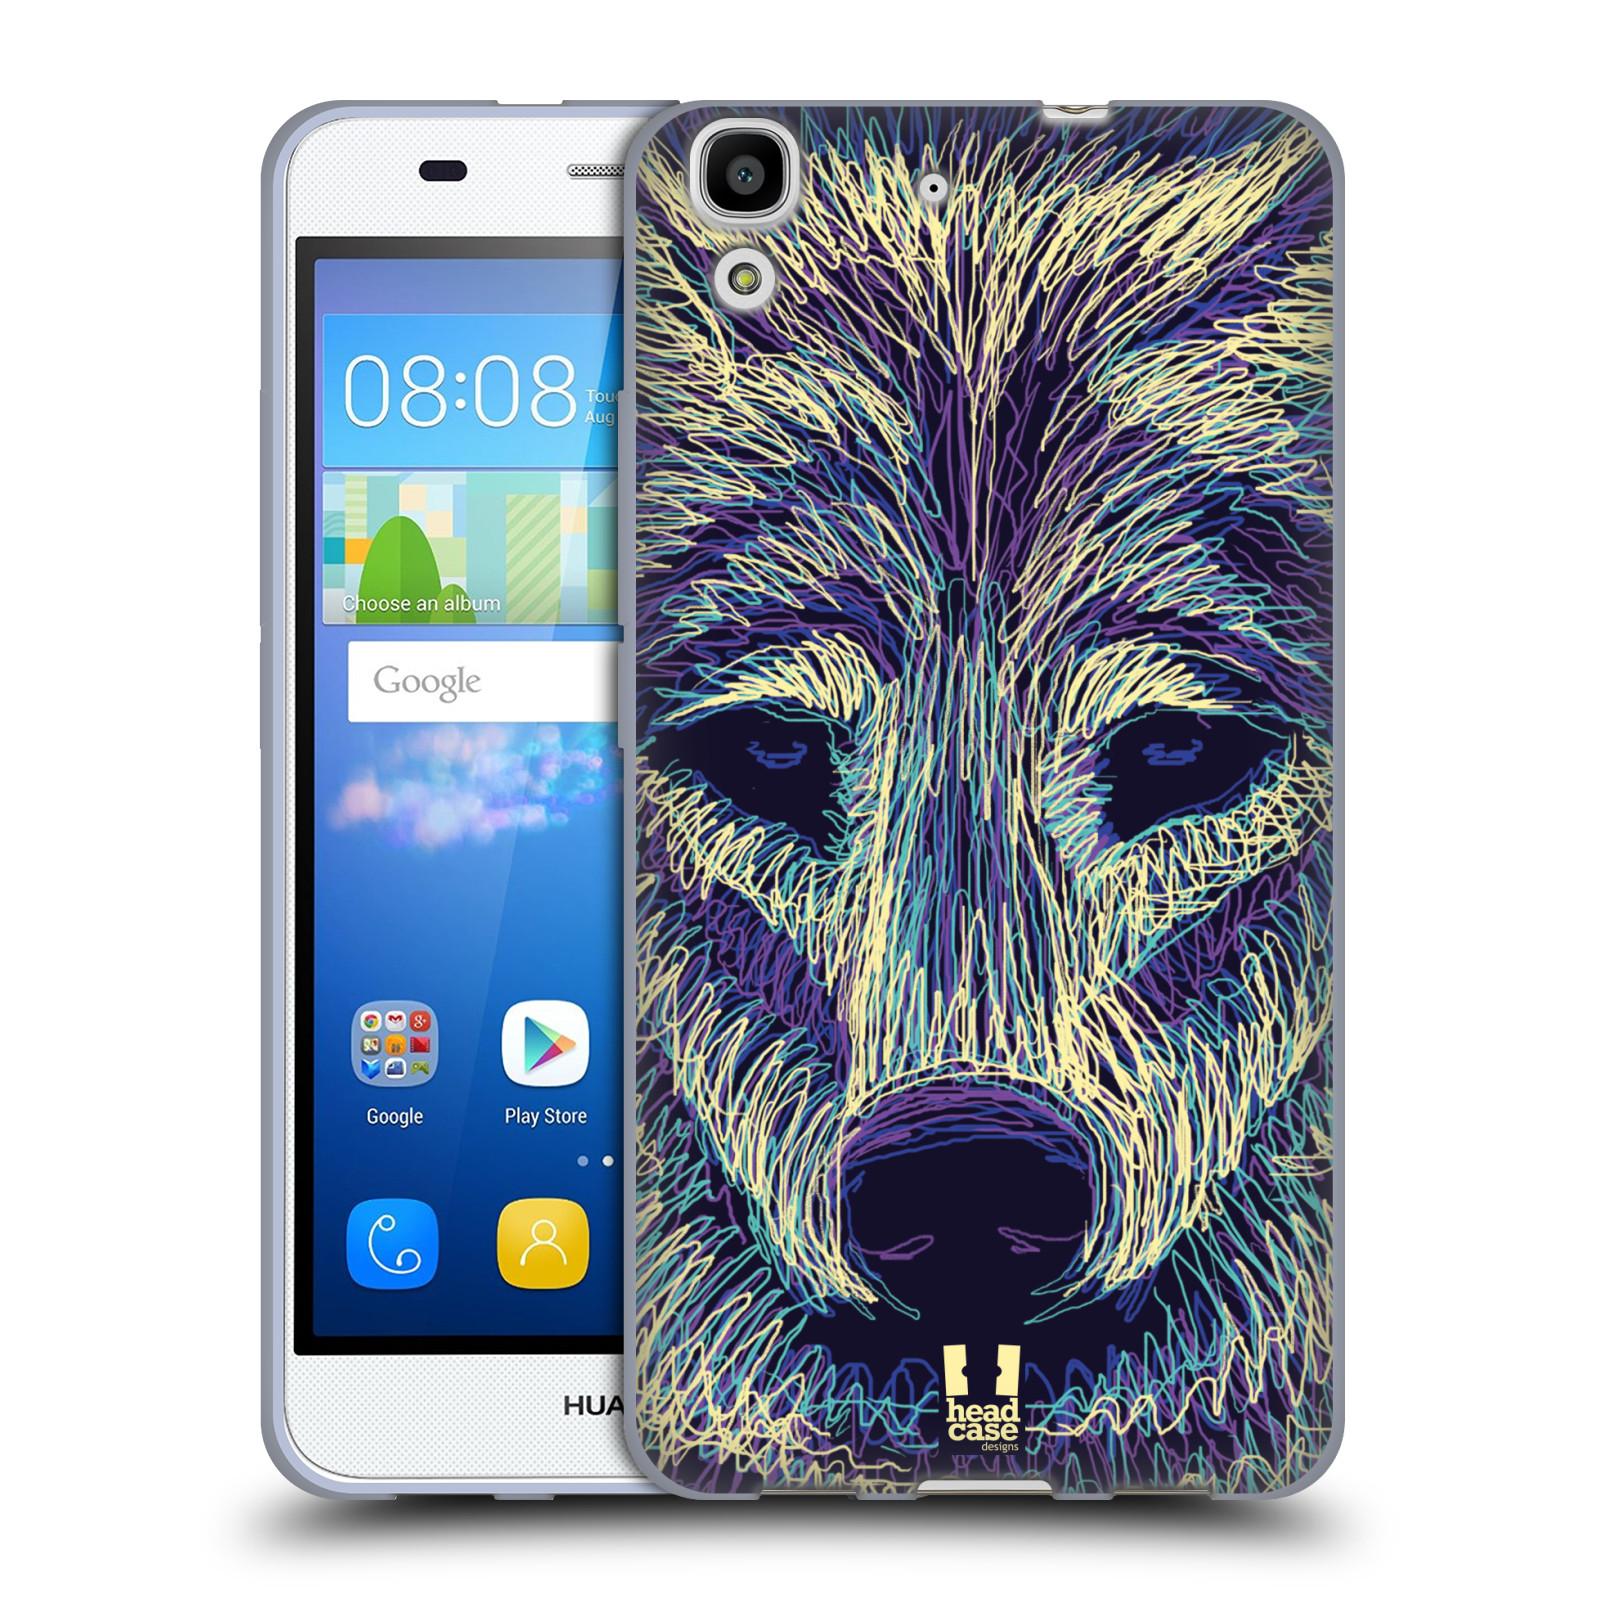 HEAD CASE silikonový obal na mobil HUAWEI Y6 vzor zvíře čmáranice vlk